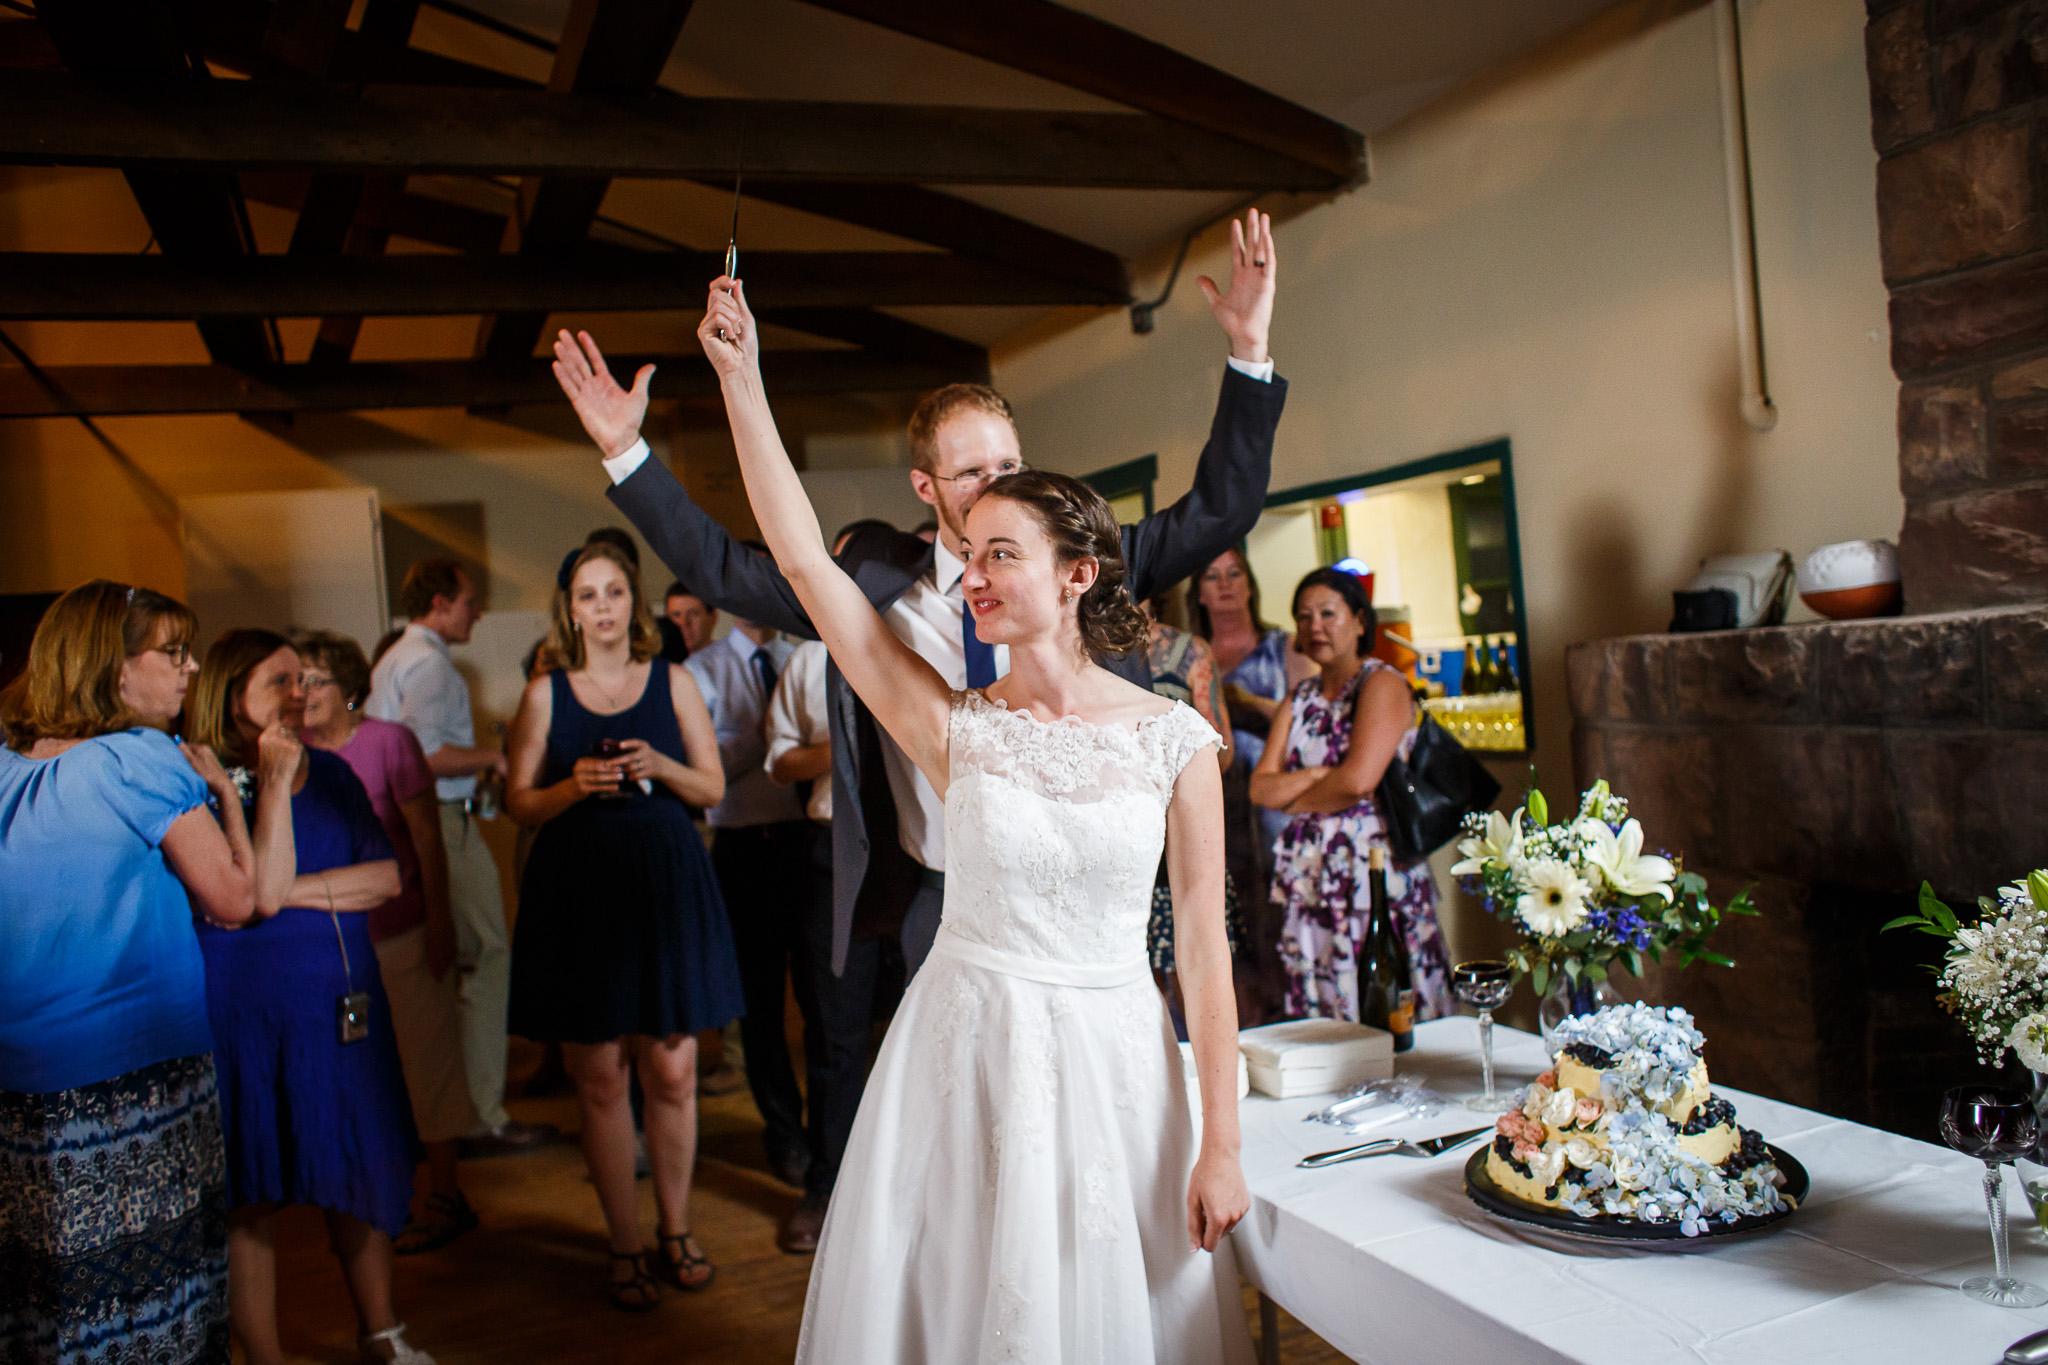 wedding-albuquerque-tijeras-ywca-pinon-canyon-center-0607.jpg